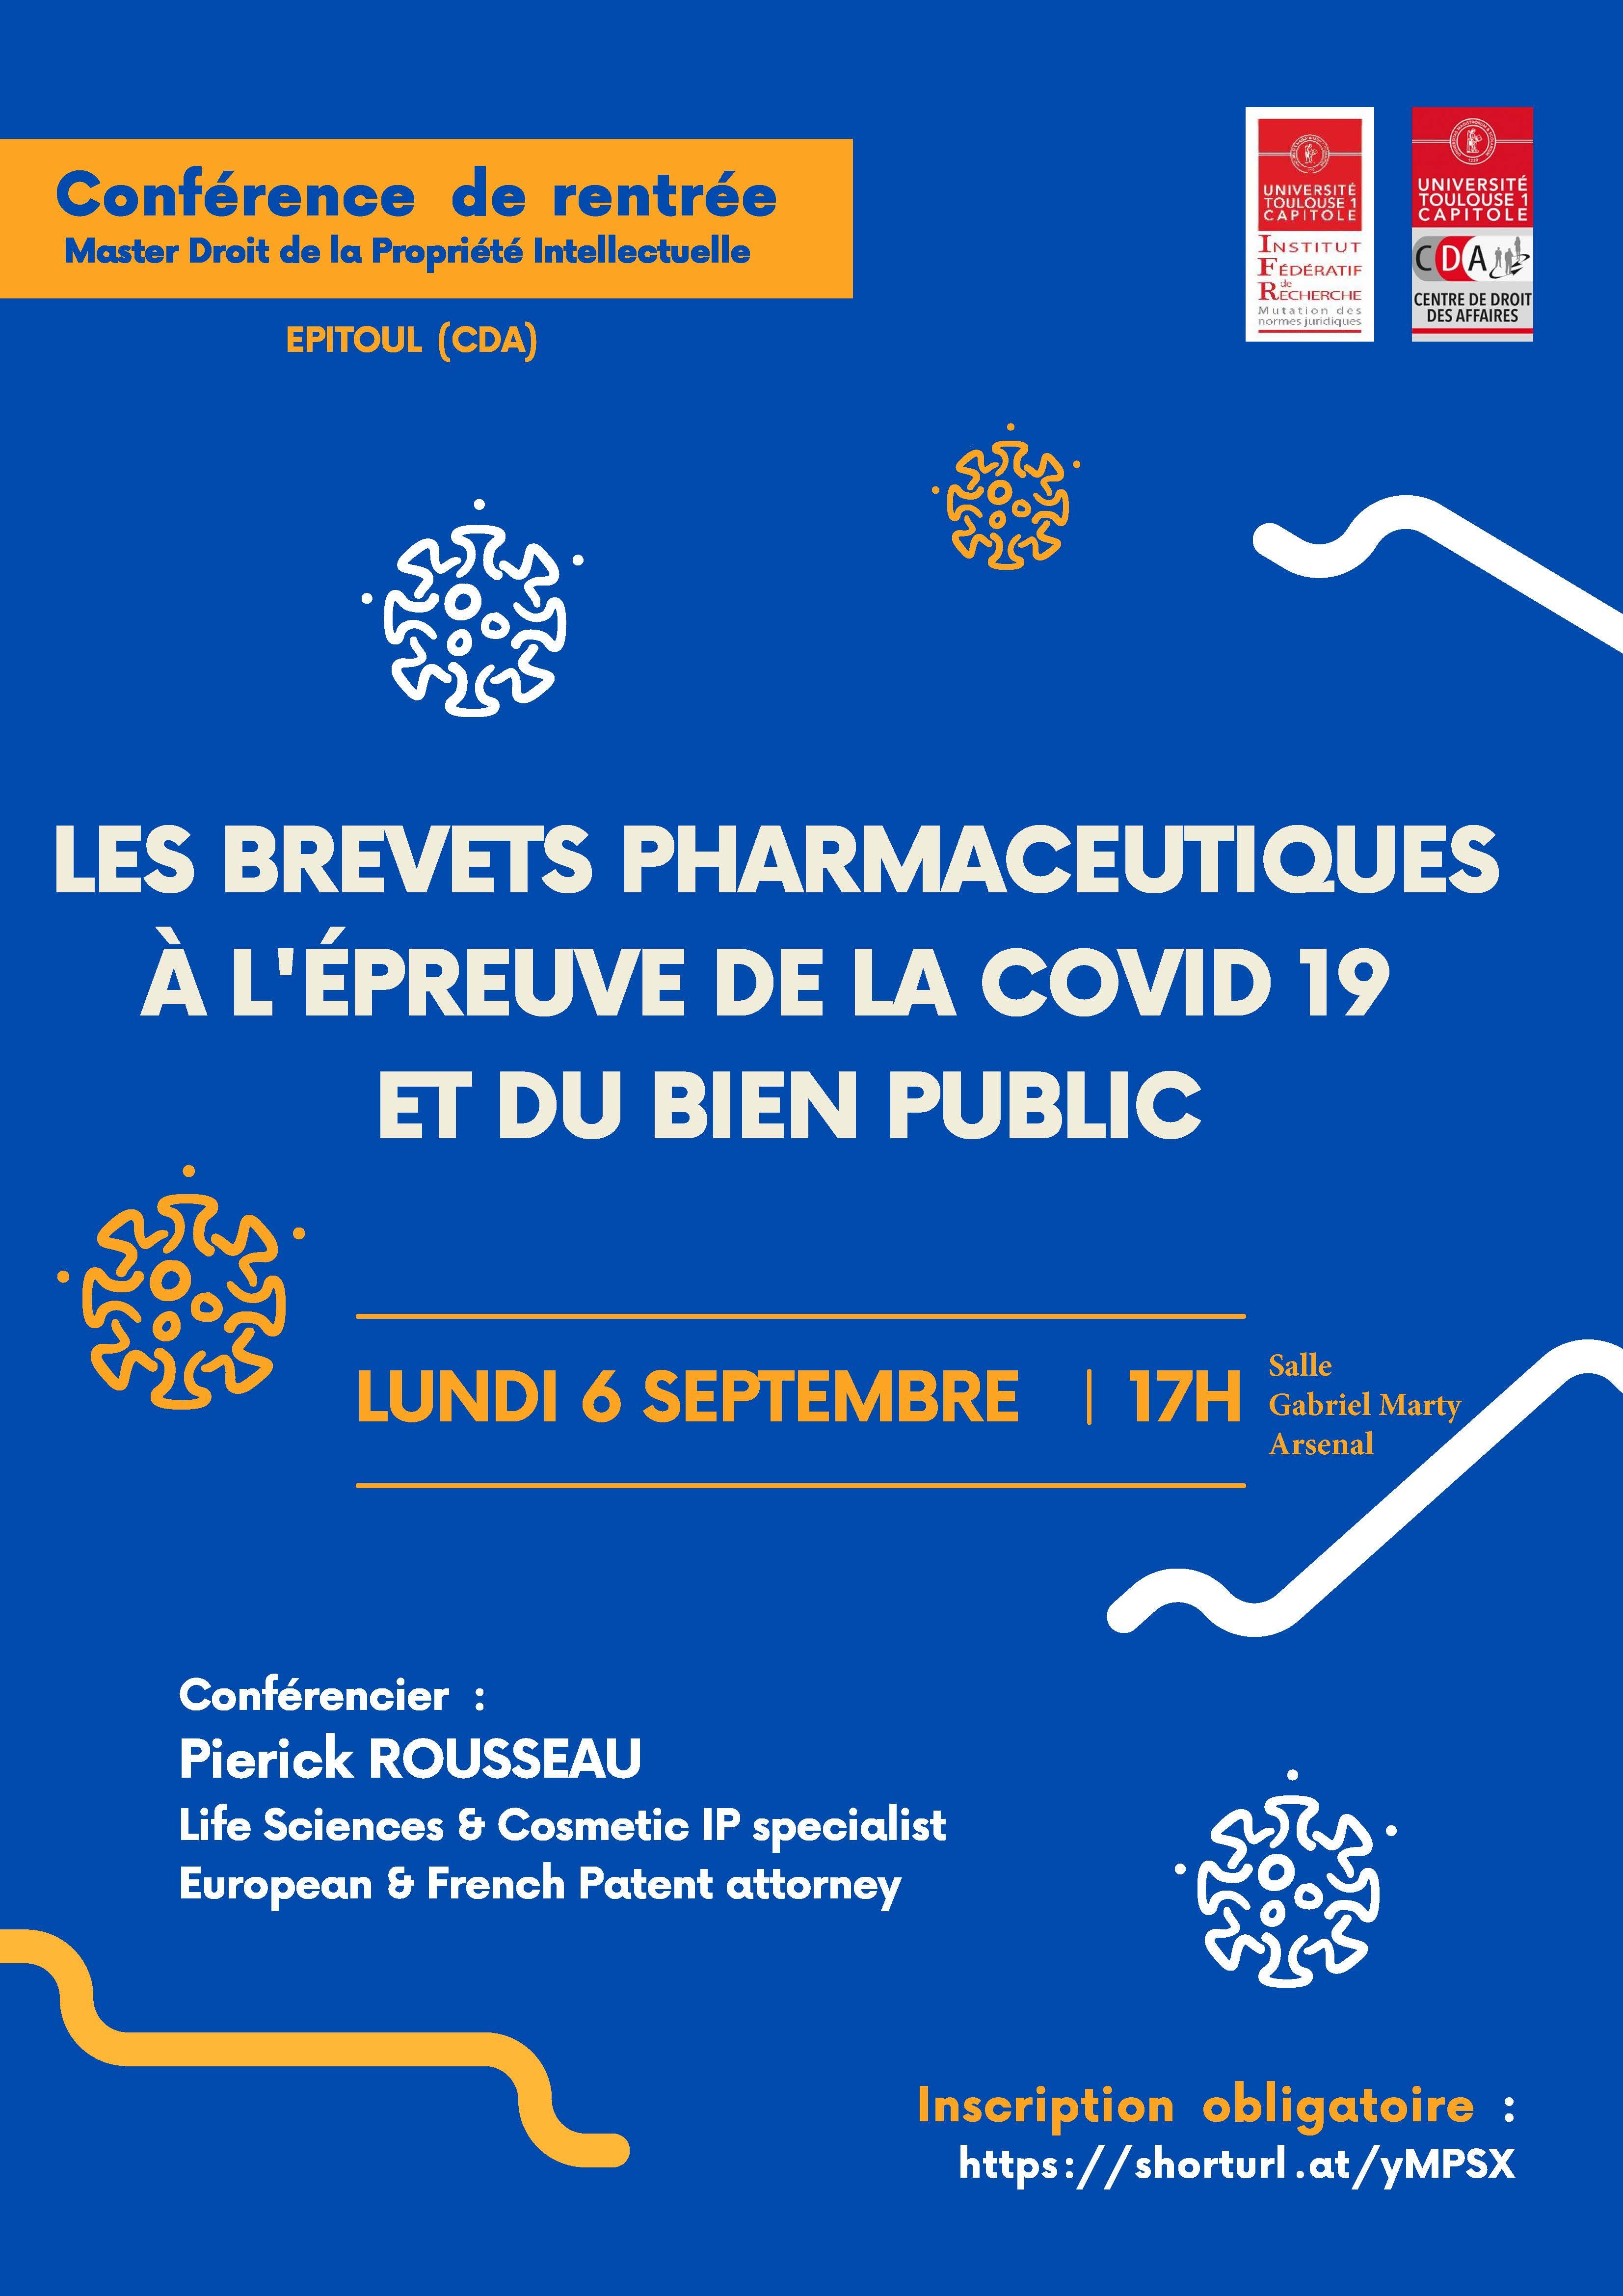 Les brevets pharmaceutiques à l'épreuve de la Covid 19 et du bien public[5].jpg